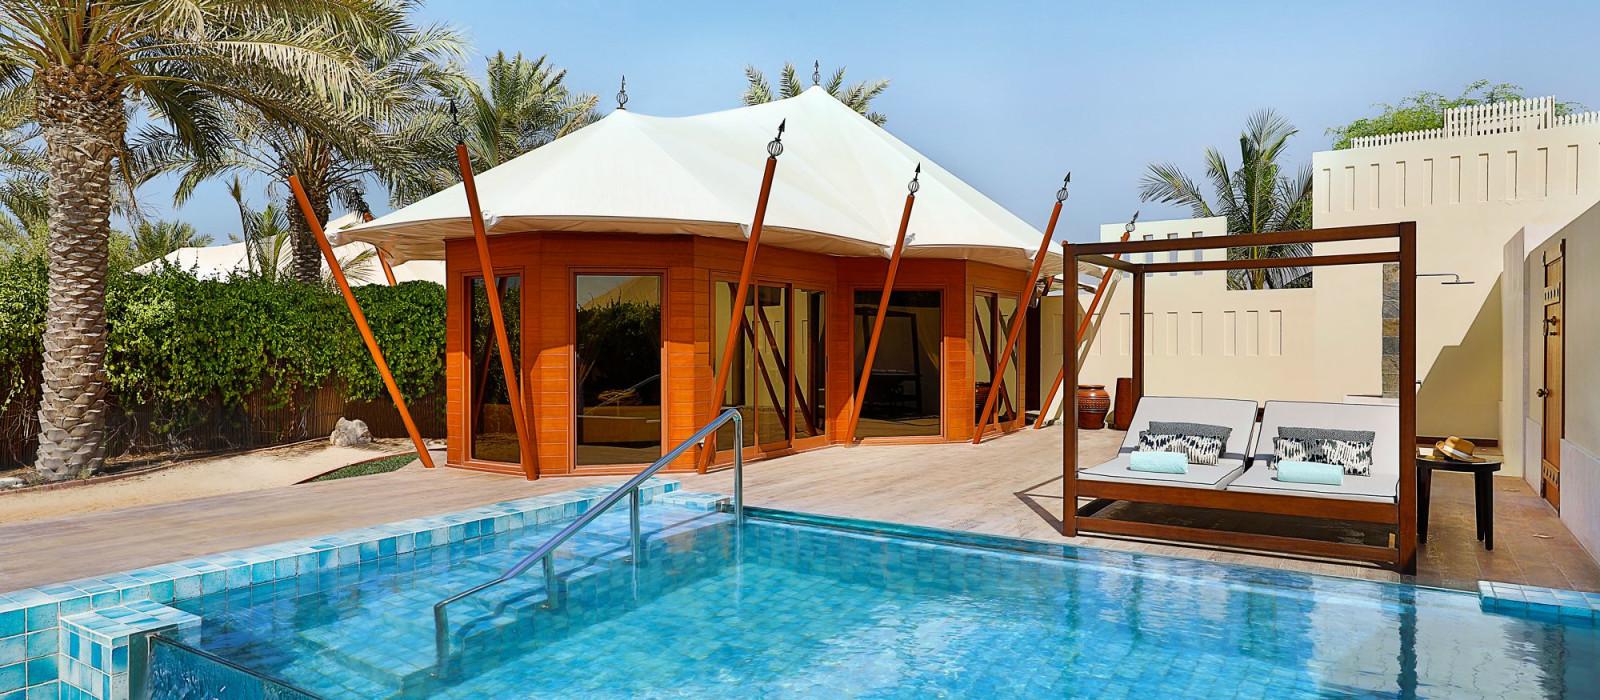 Hotel The Ritz-Carlton Ras Al Khaimah, Al Wadi Desert Vereinigte Arabische Emirate